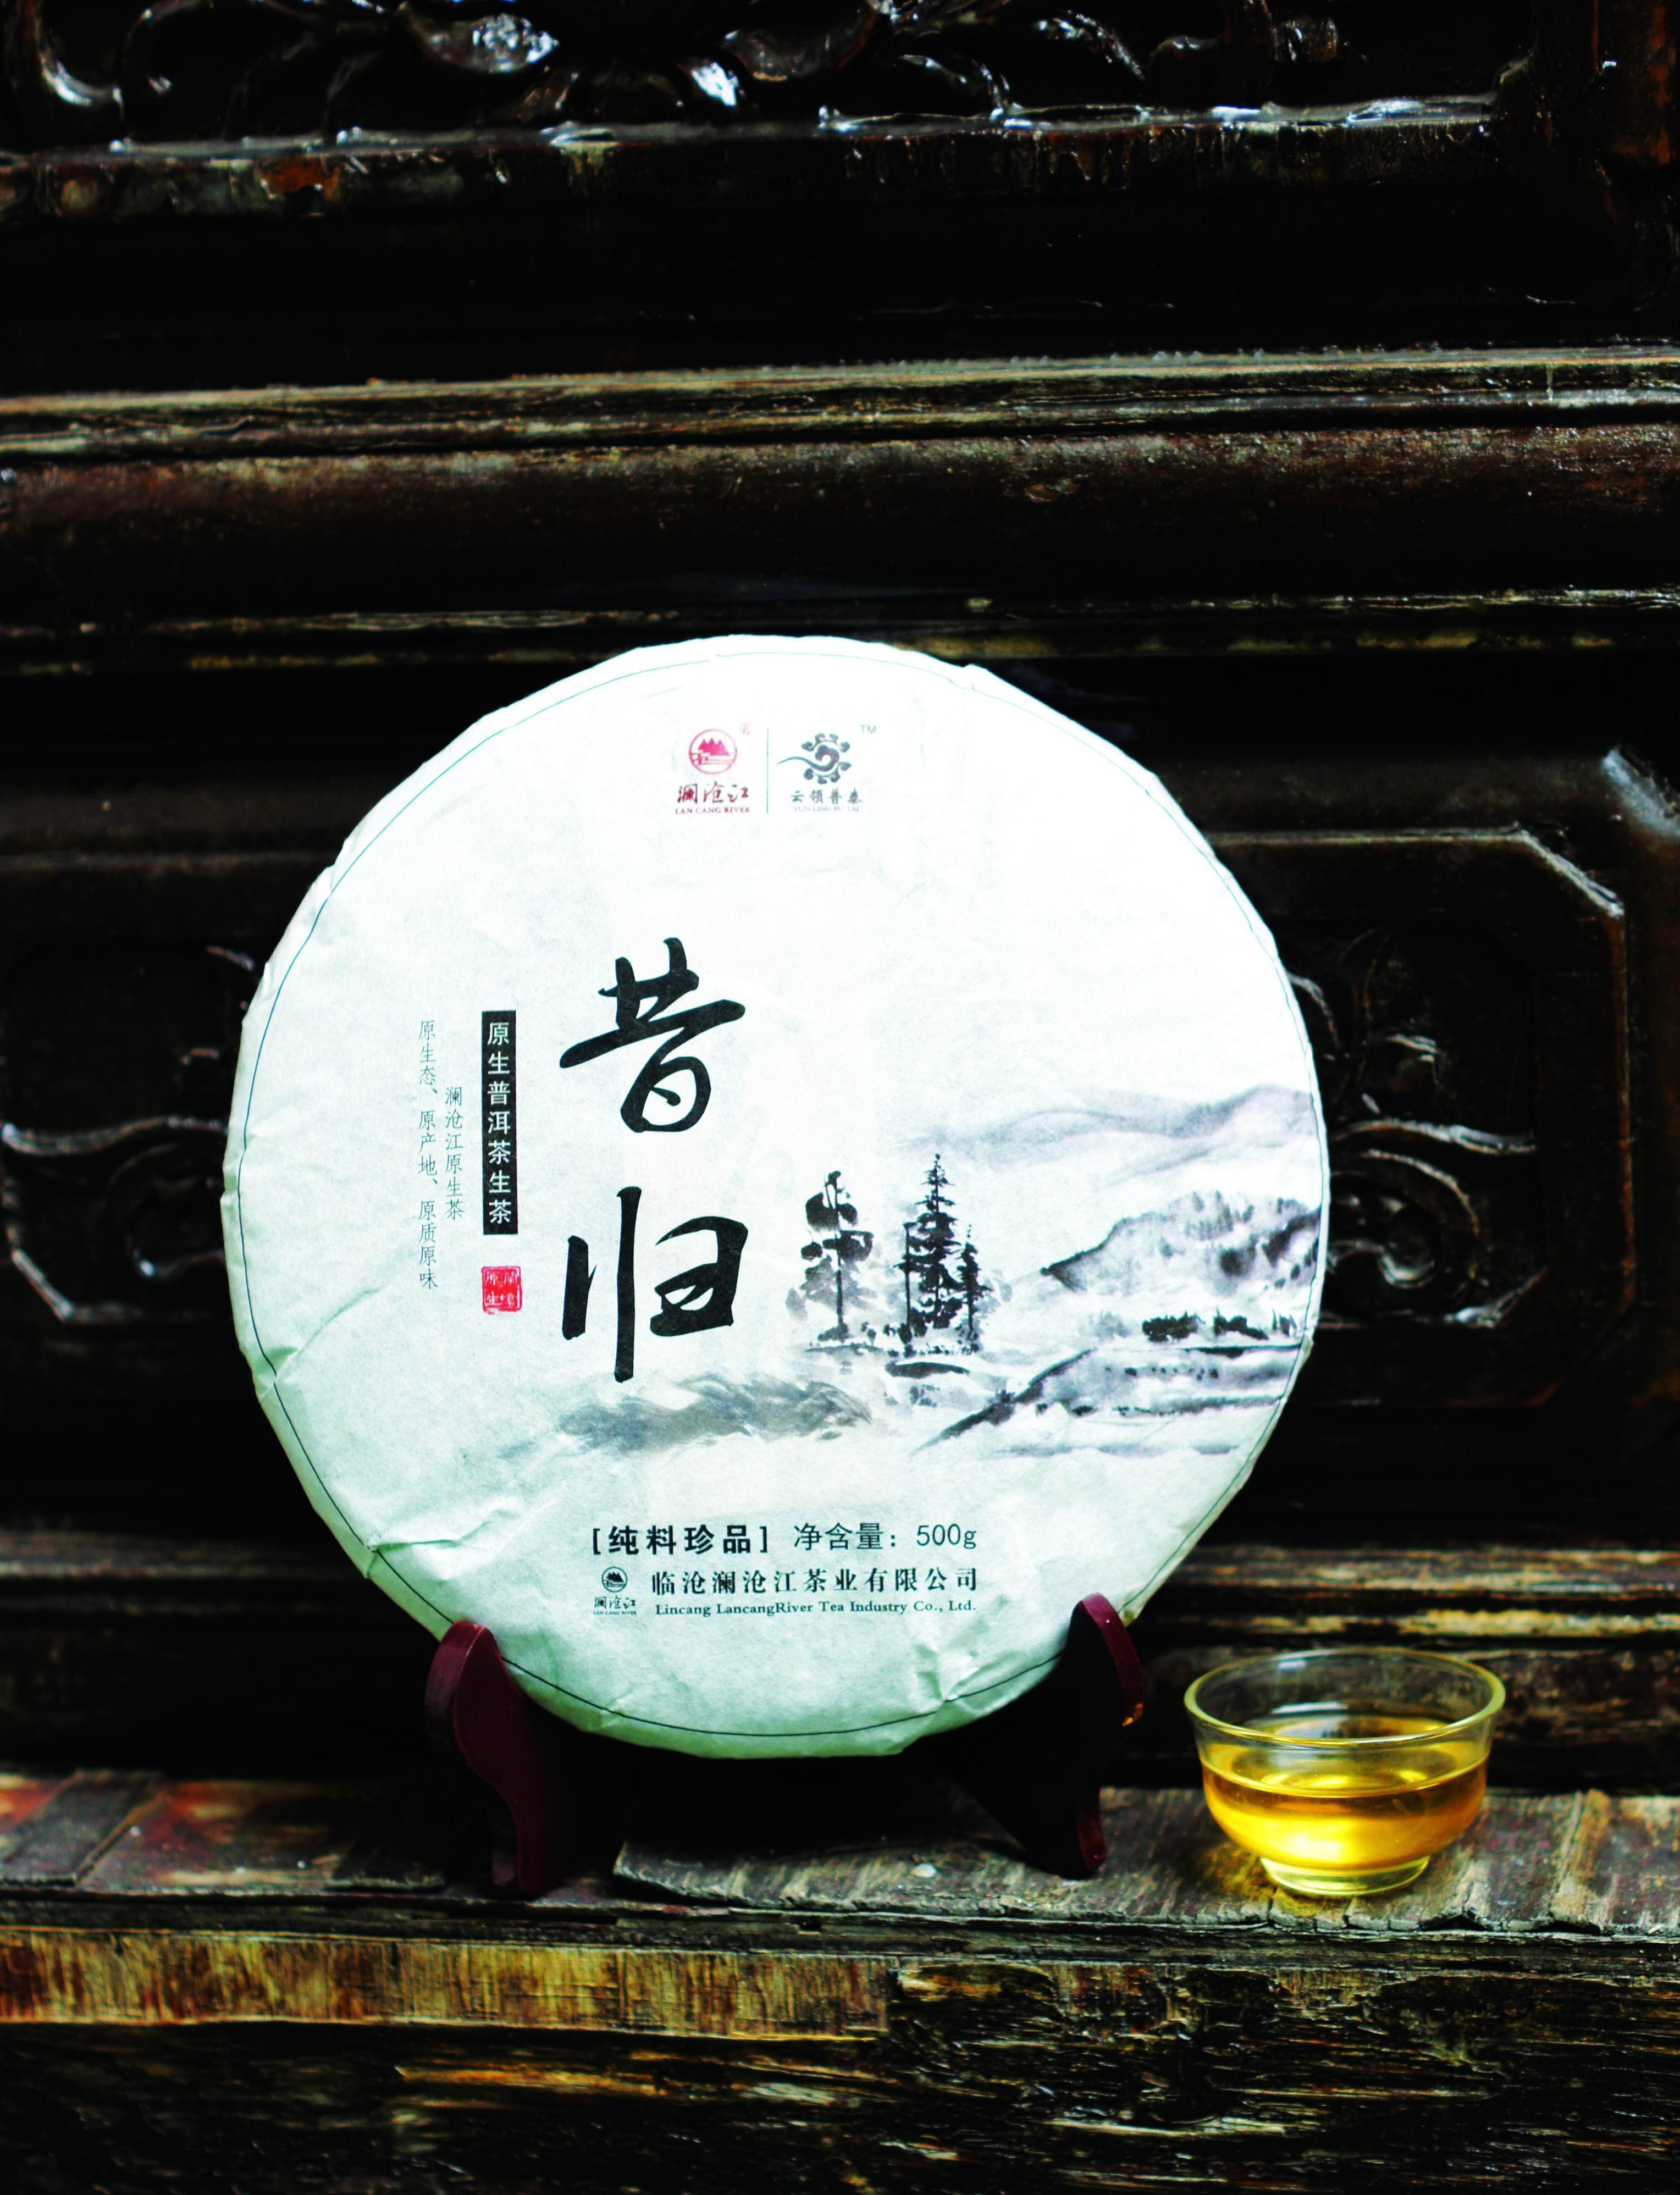 澜沧江昔归普洱生茶